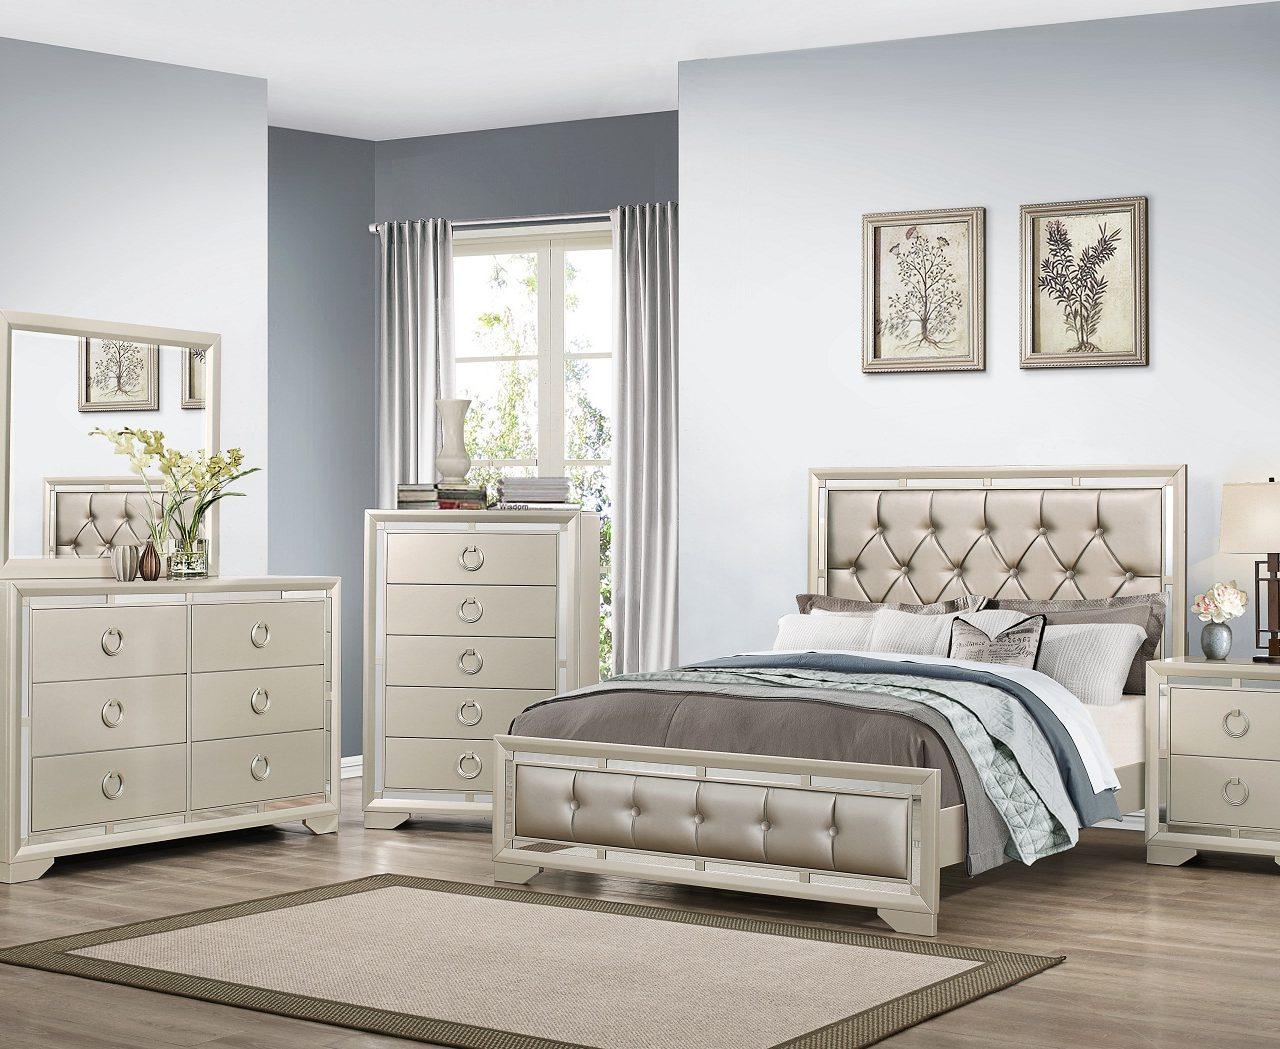 5 Piece Bedroom Set Brooklyn 5 Piece Queen Bedroom Set Mcallen Bedroom Furniture 5piece Set